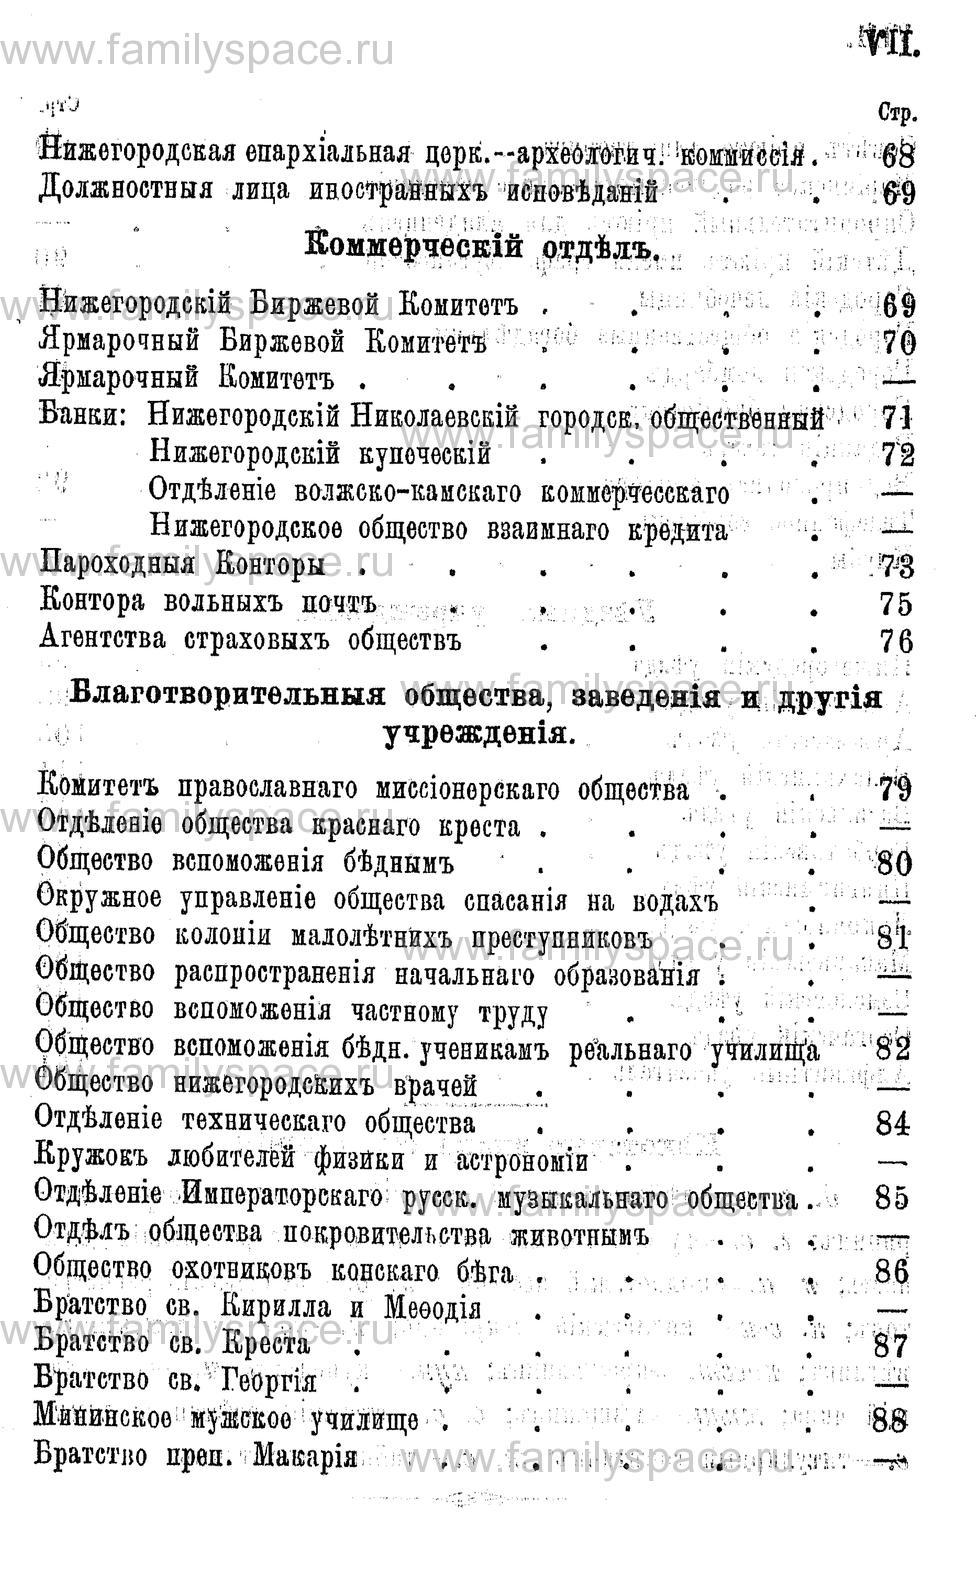 Поиск по фамилии - Адрес-календарь Нижегородской губернии на 1891 год, страница -2